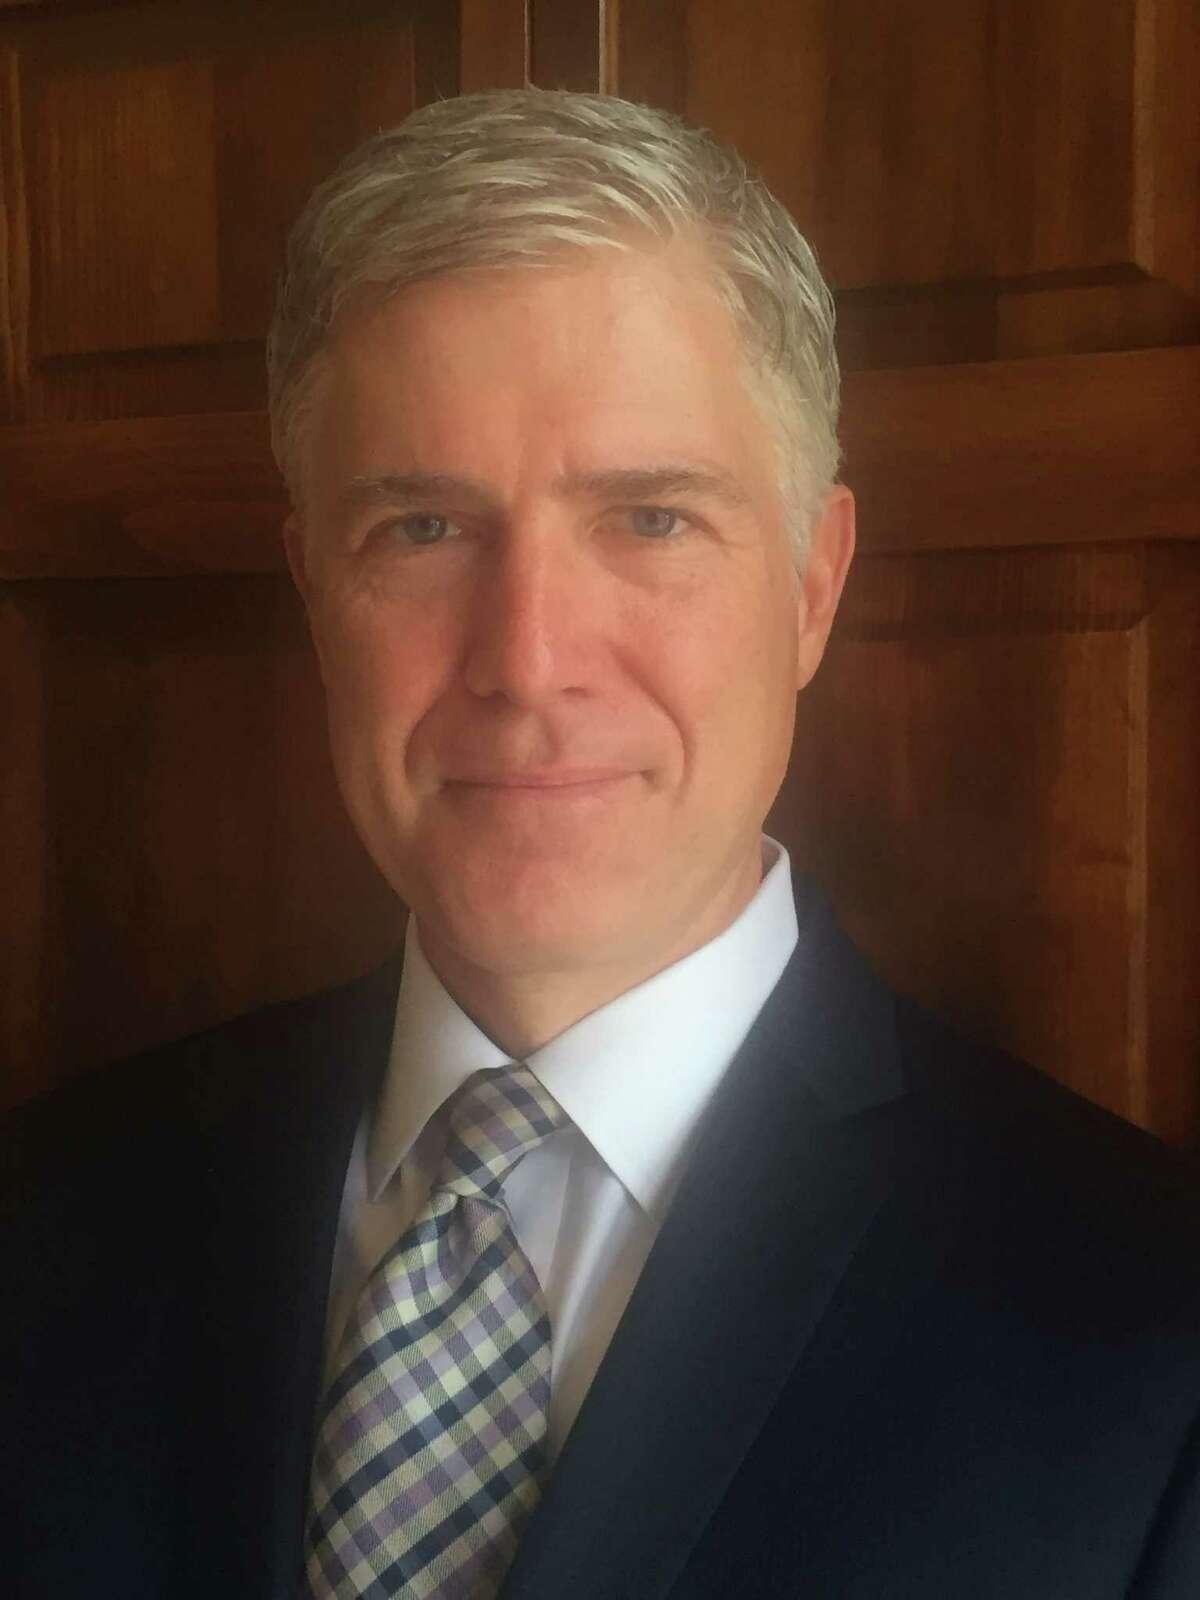 Judge Neil M. Gorsuch. (10th U.S. Circuit Court of Appeals via AP)